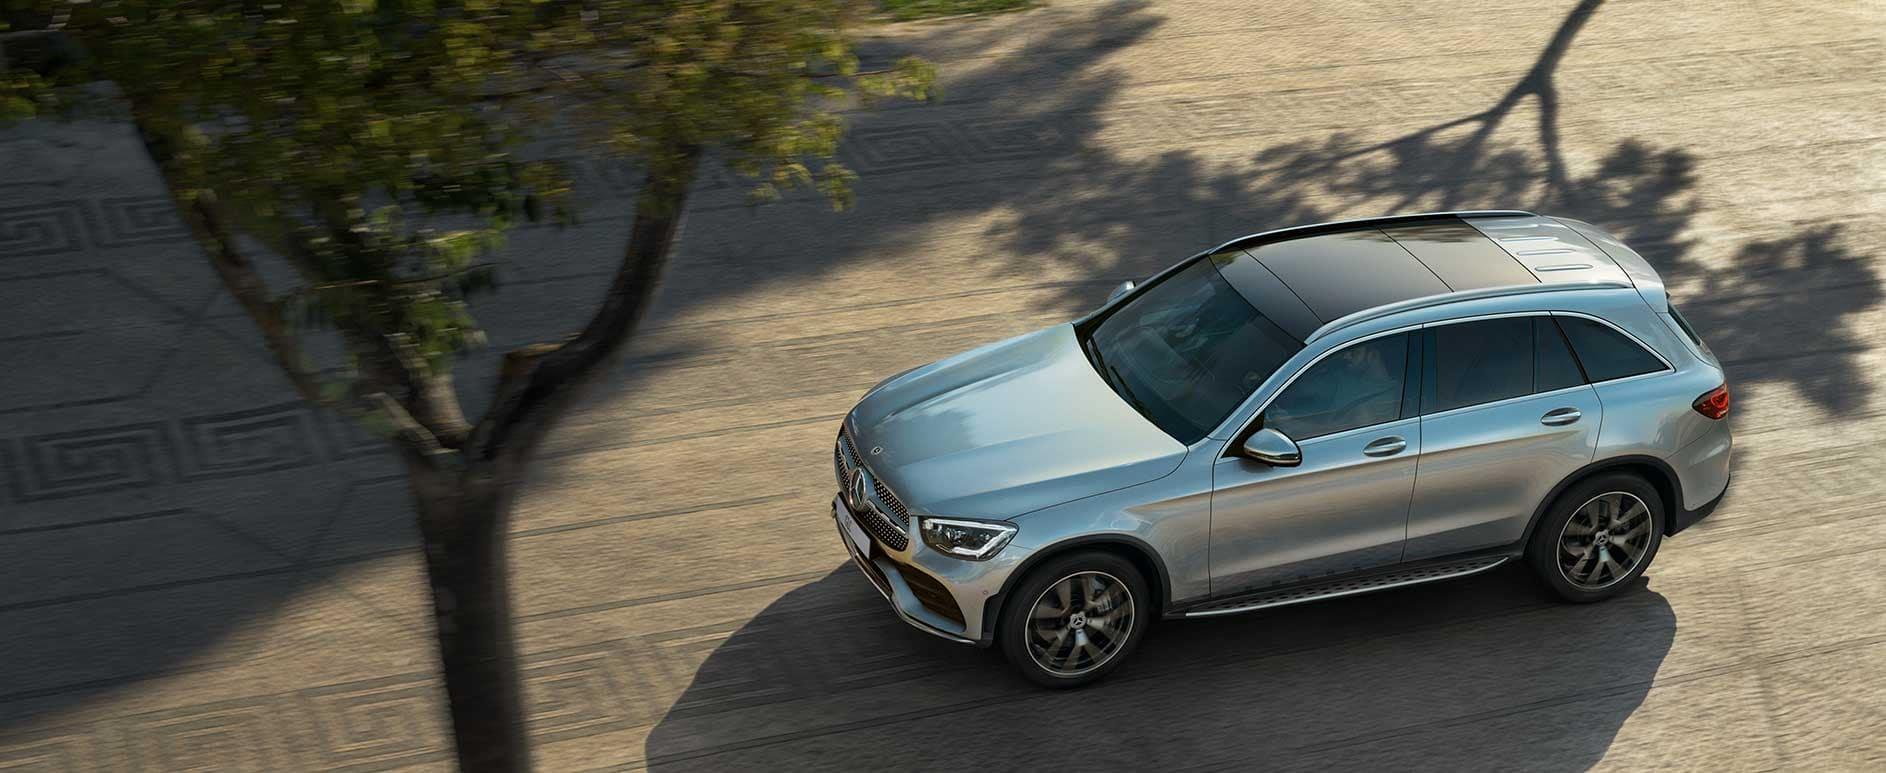 Mercedes-Benz Specials at Star Motors